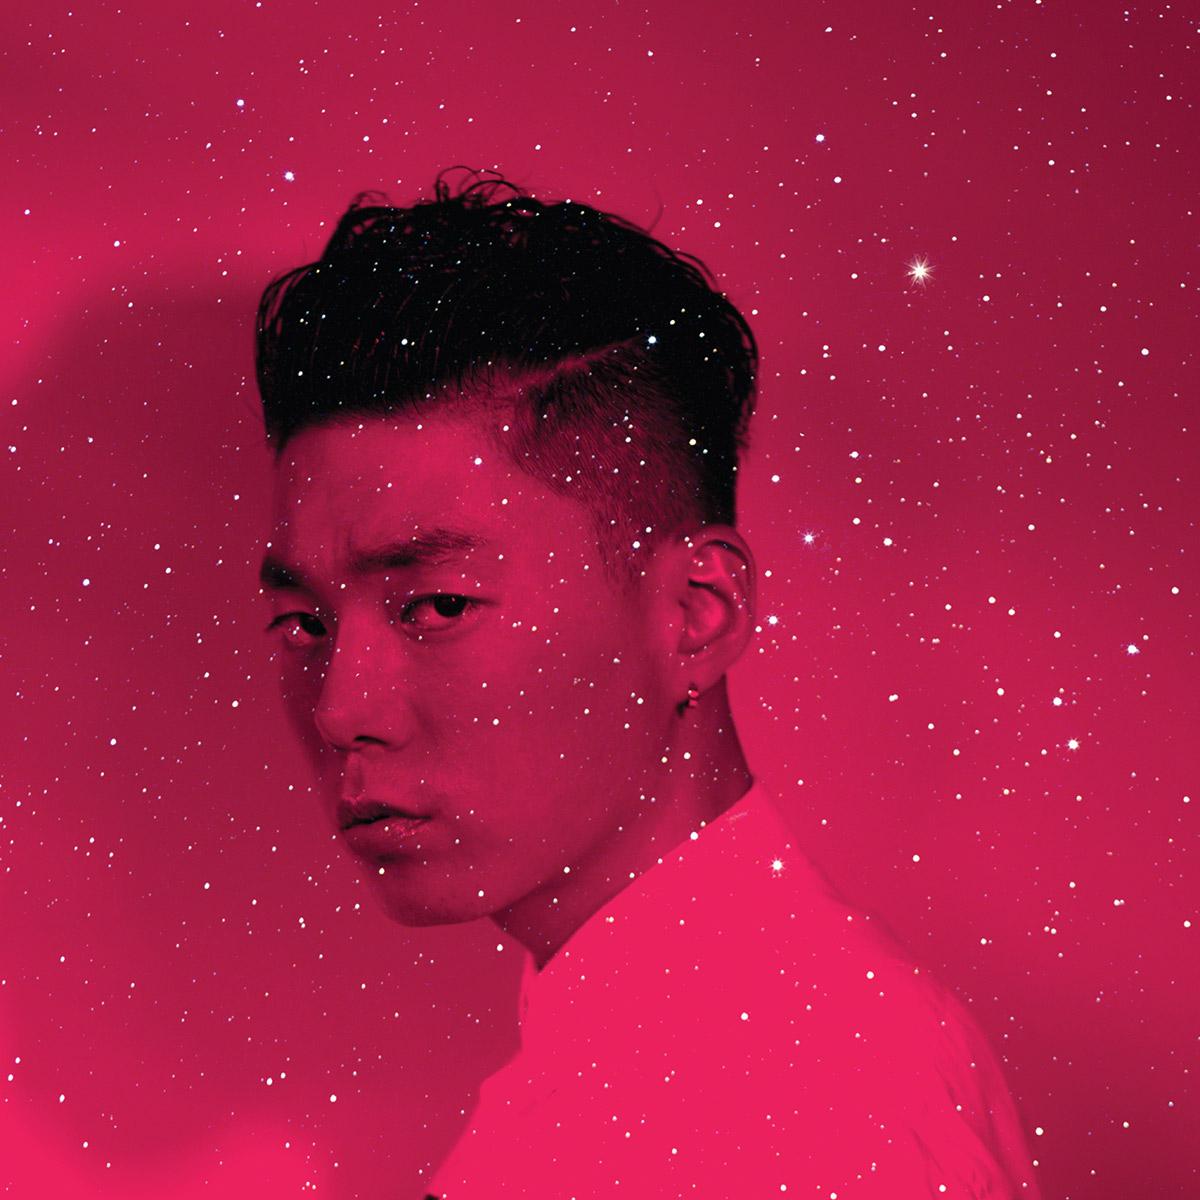 更誇張的是今年初才出道的27歲G.Soul,你知道嗎?他已經在JYP娛樂當練習生15年了(也就是12歲國小生就進去了)~怎麼能夠堅持這麼久啊!!